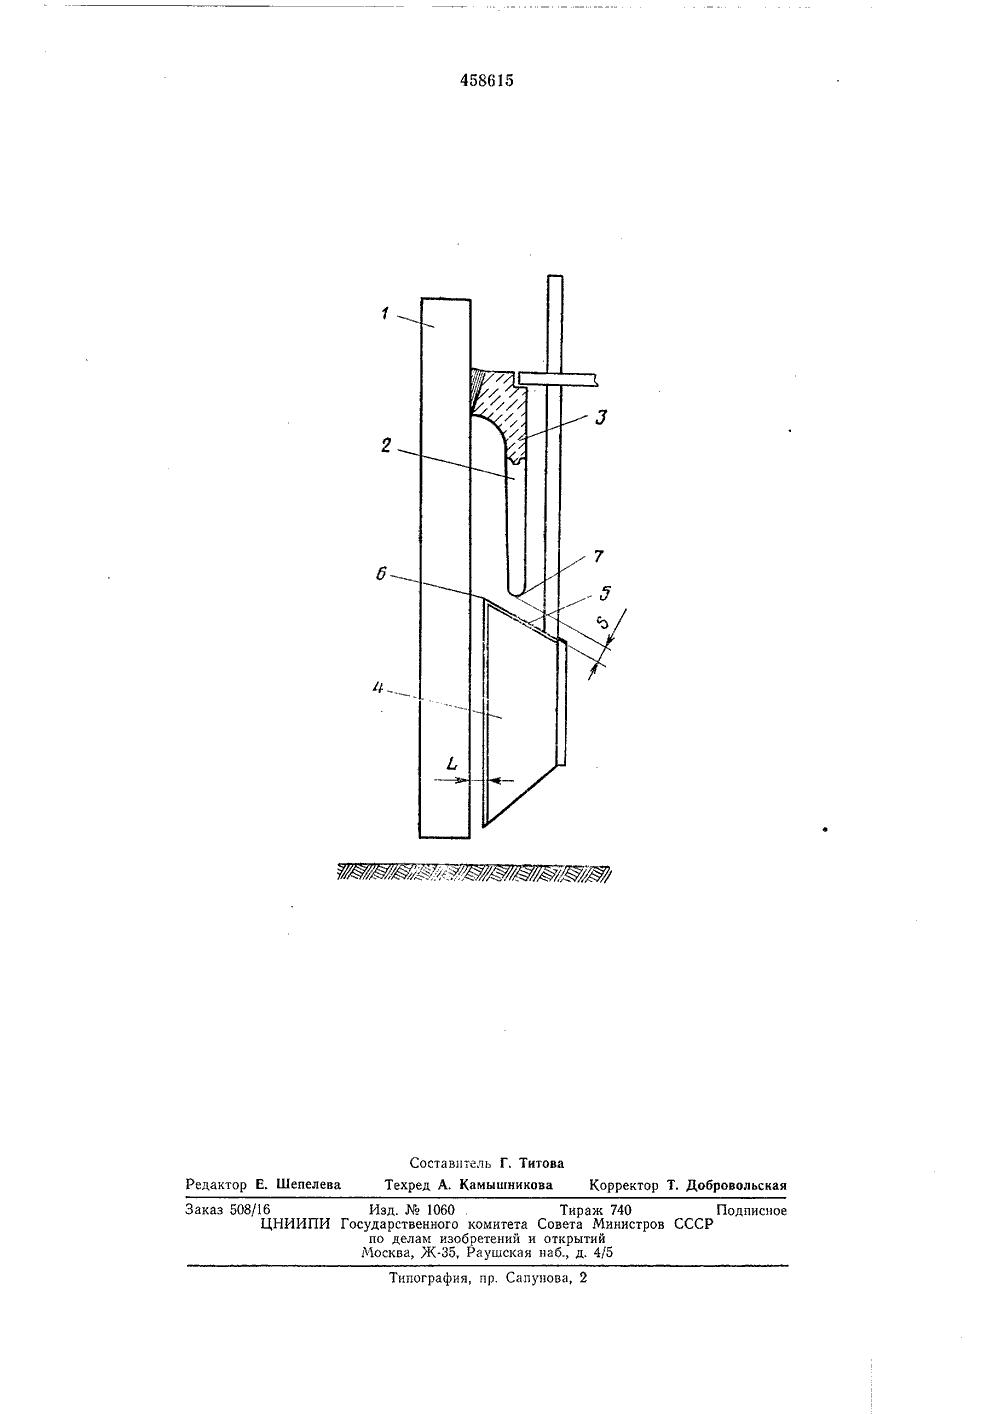 схема электролизера для получения магния